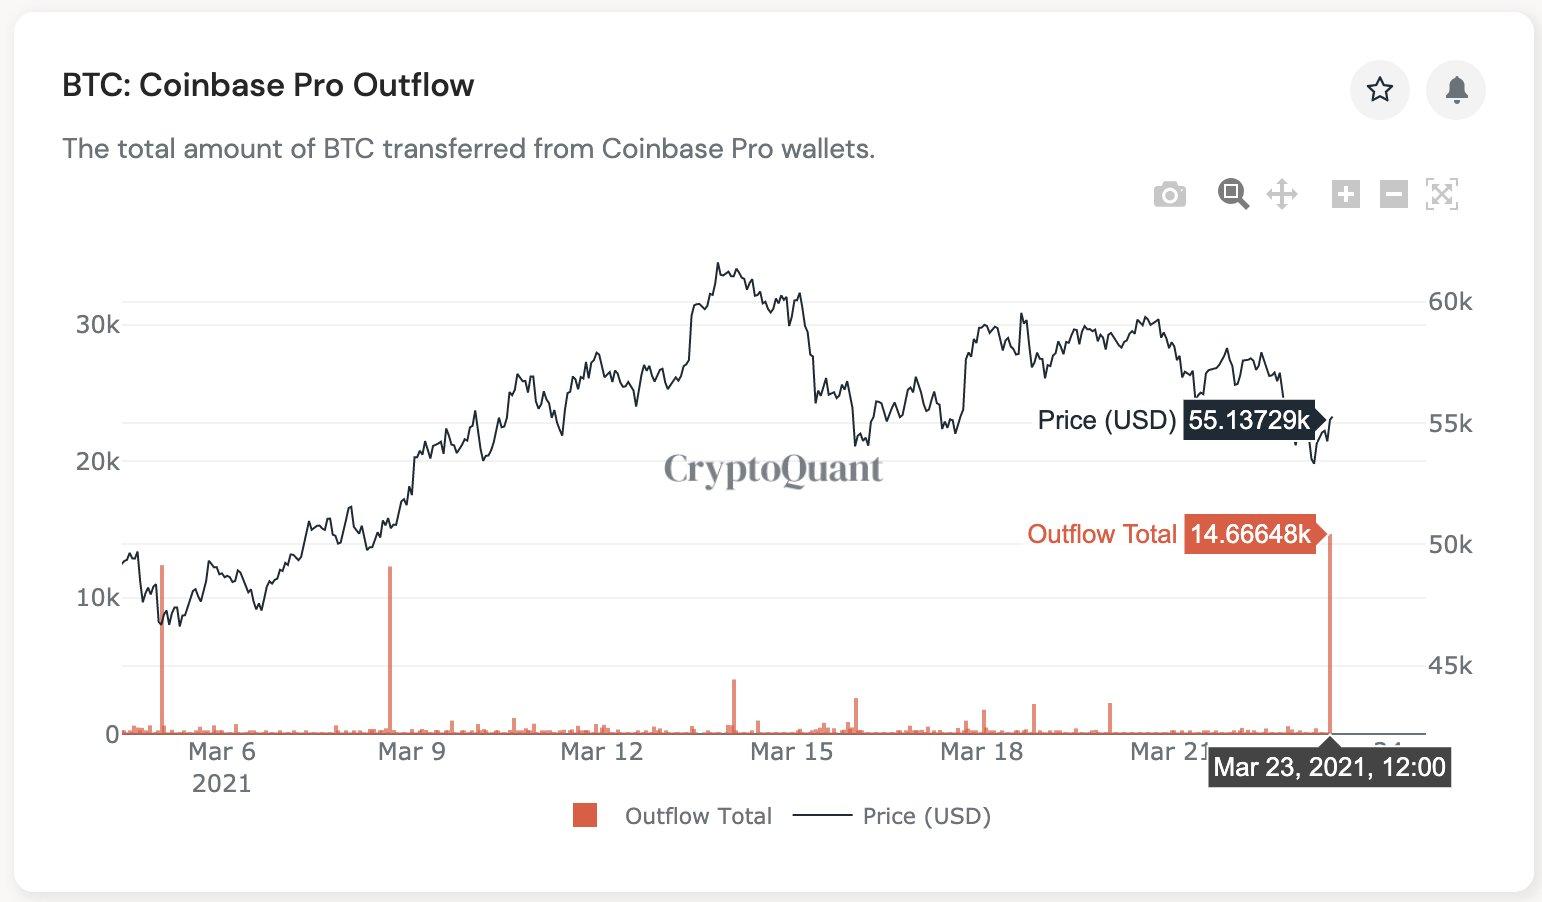 Deflussi di BTC da Coinbase Pro